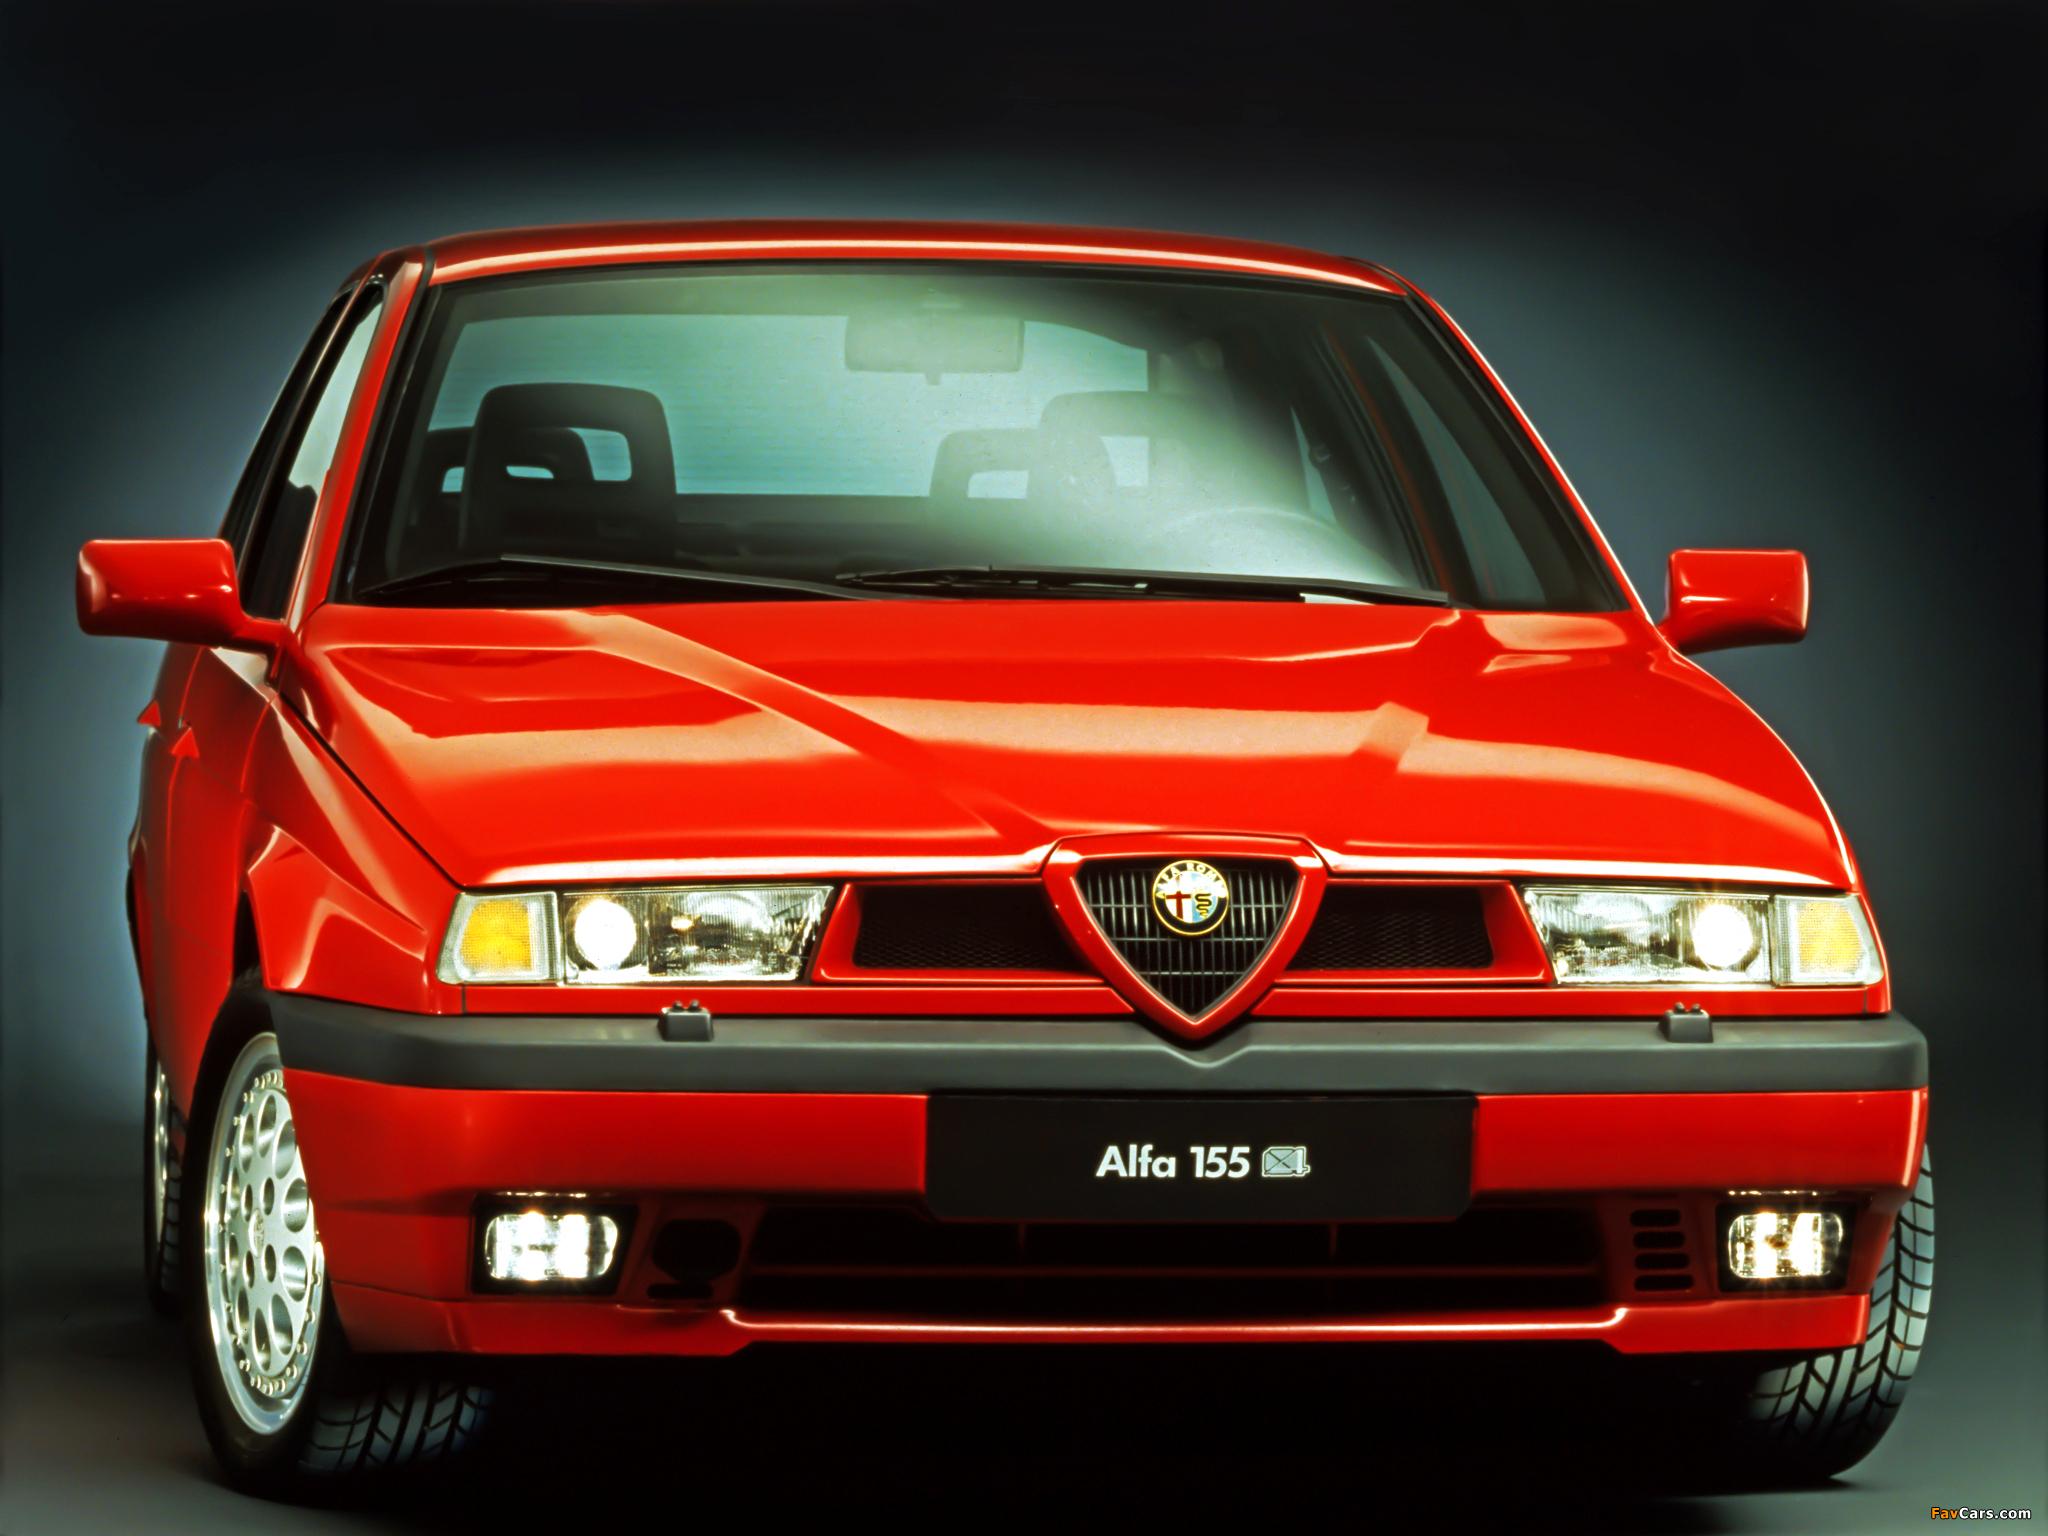 Alfa Romeo 155 Q4 ForzaItalia